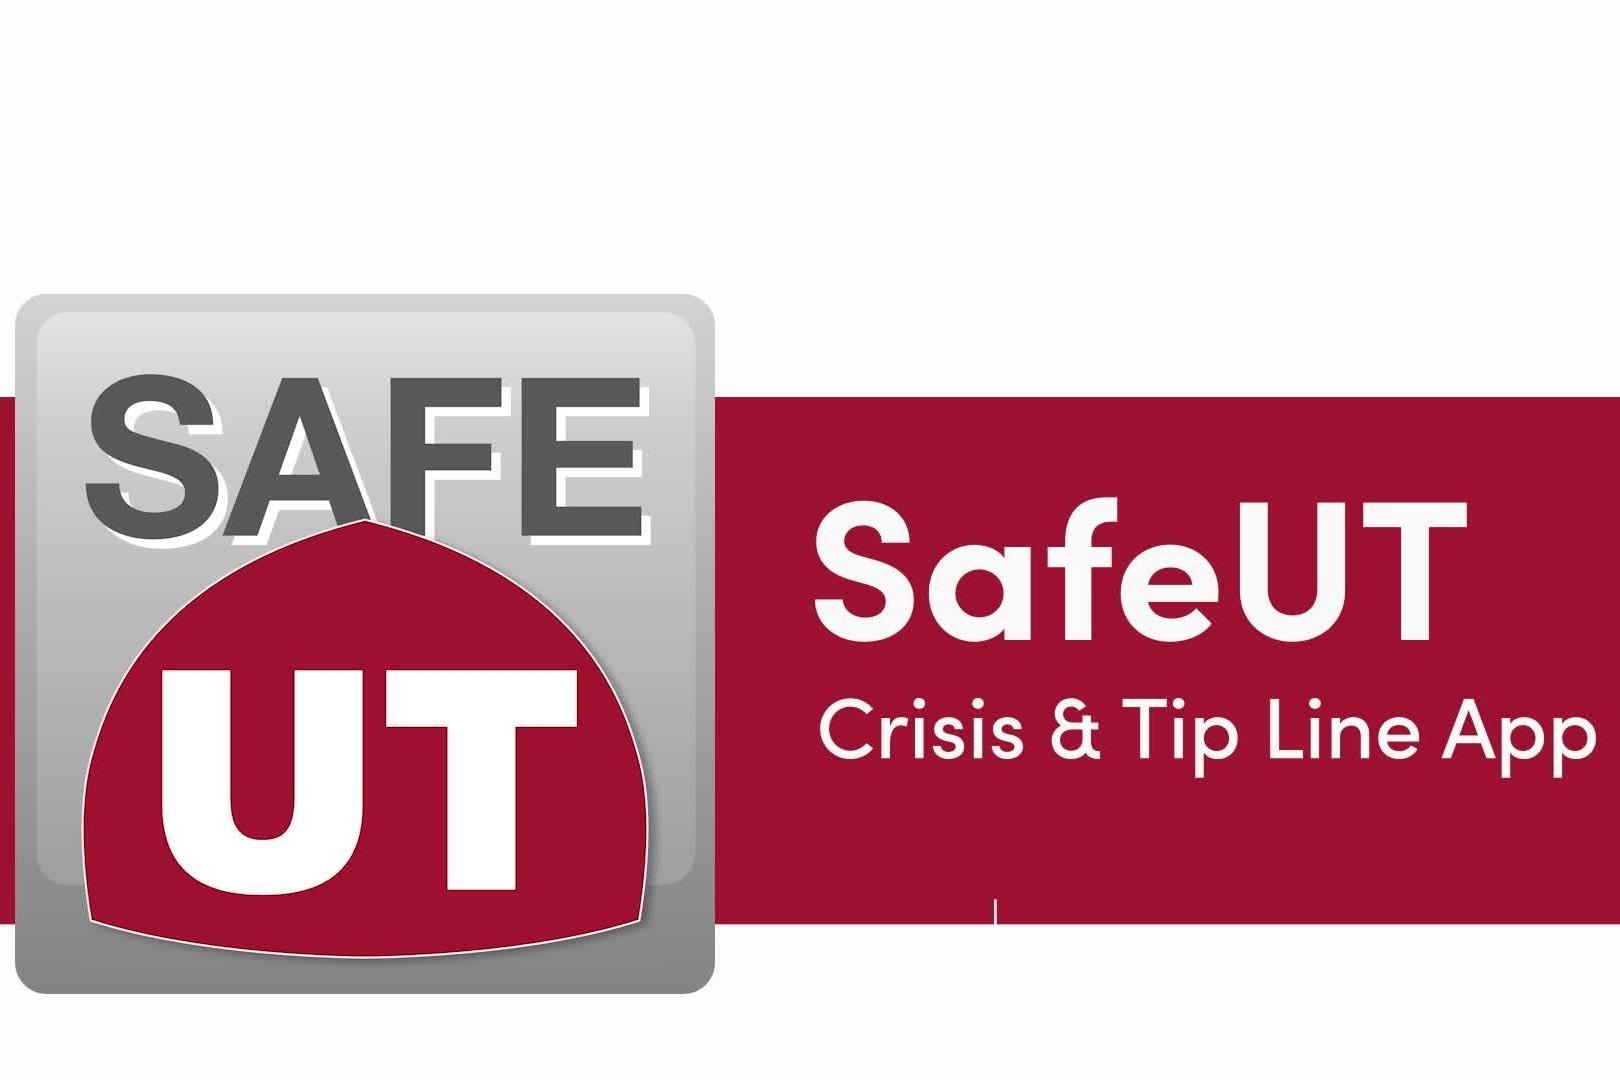 Safe Utah Crisis and Tip Line App